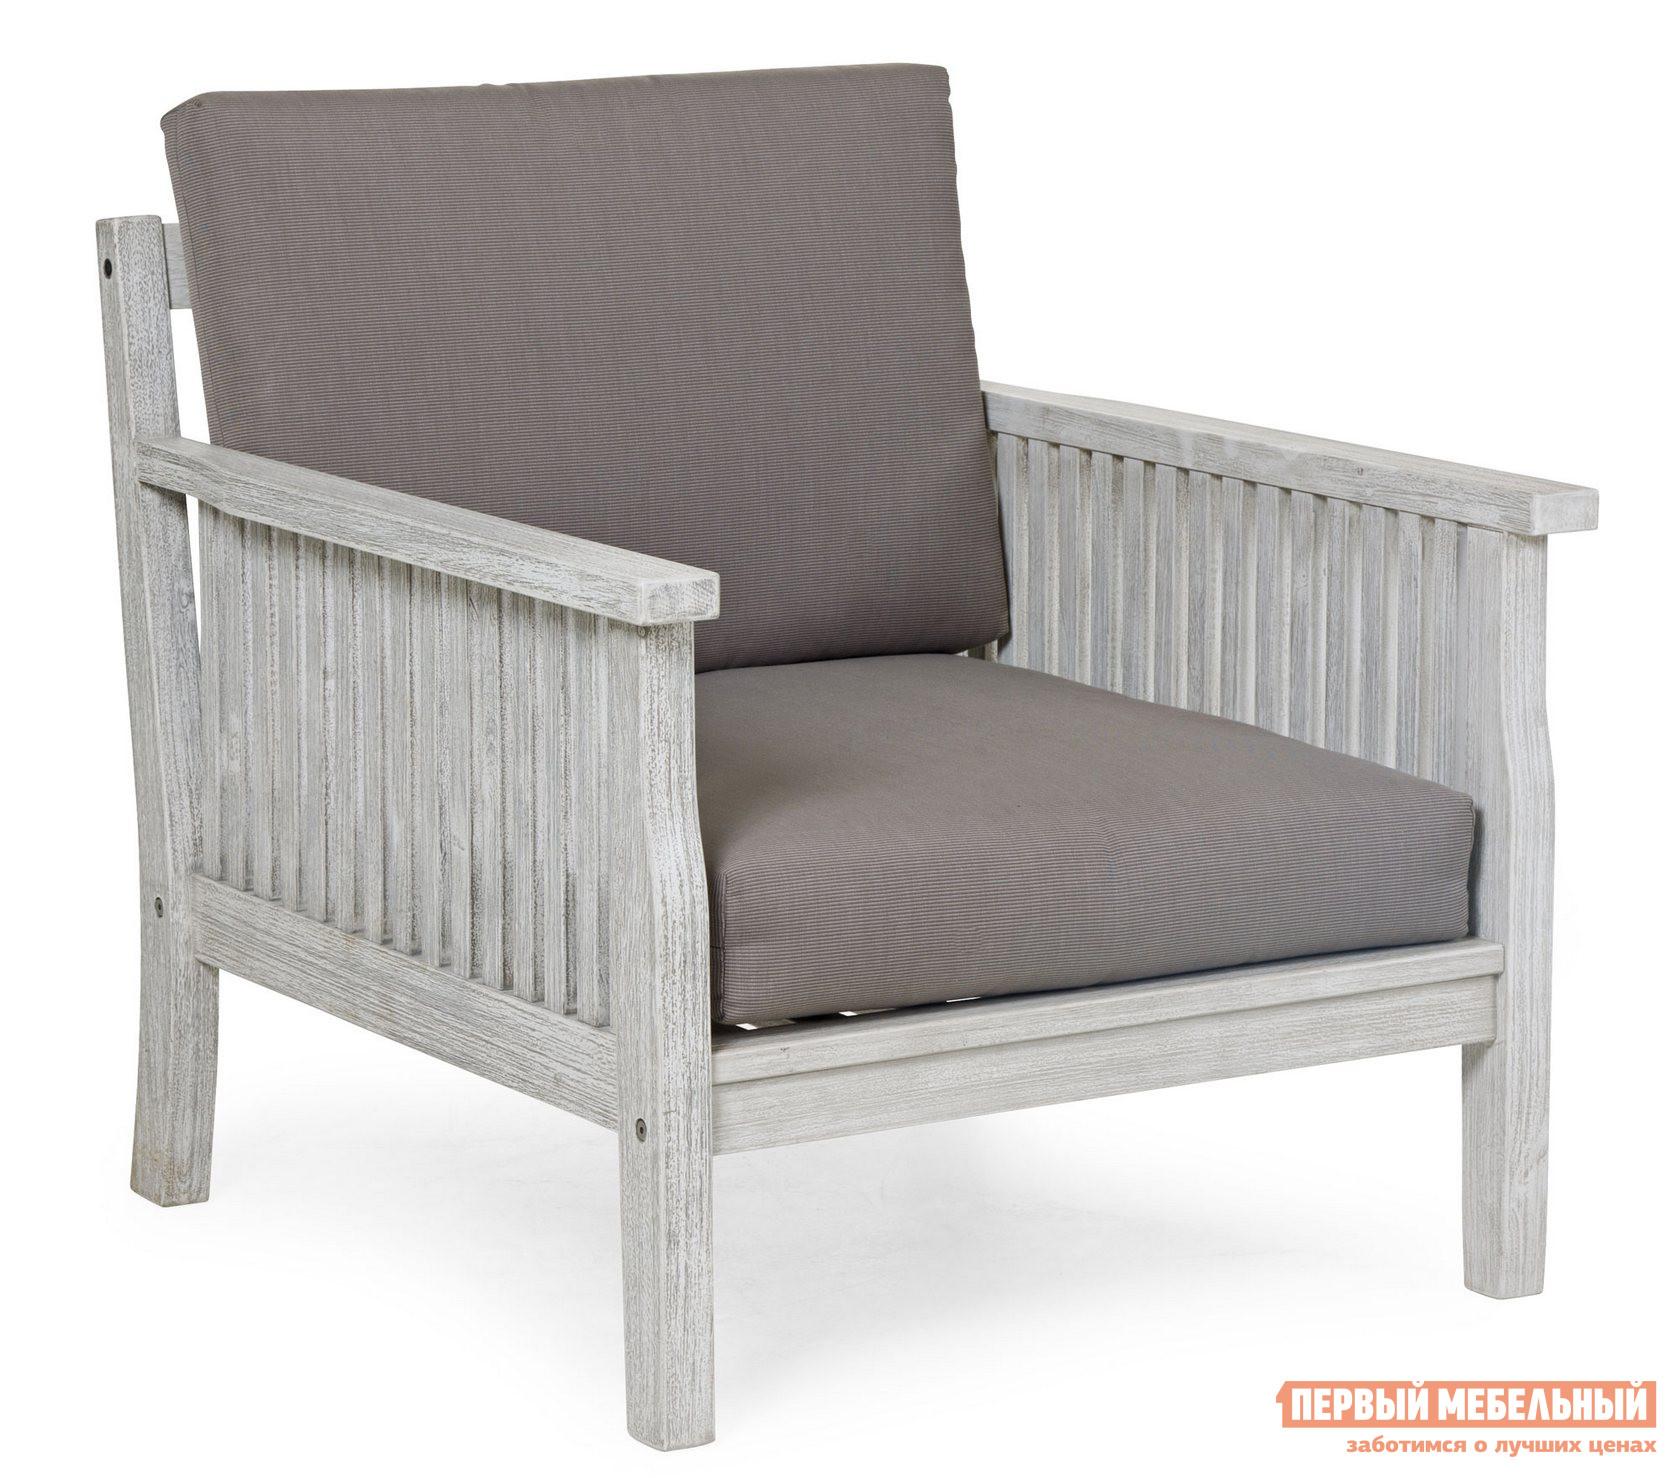 где купить Дачное кресло Шведская линия 10881-50-25 по лучшей цене